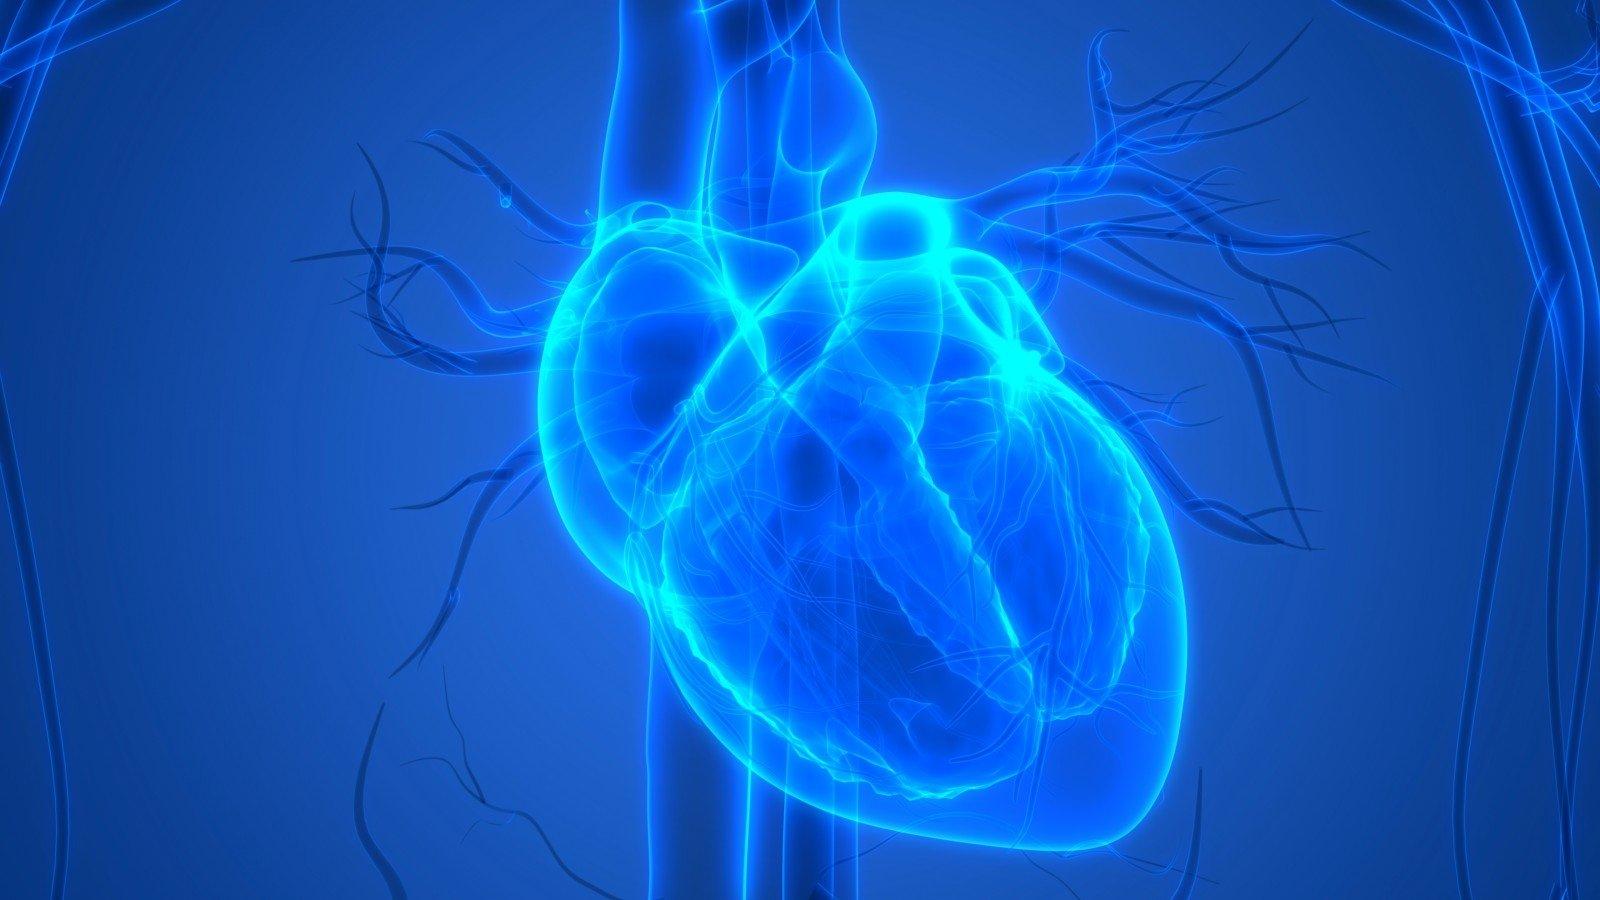 viršūnė sveikatos stazinė širdis vaistai nuo hipertenzijos ir cukrinio diabeto